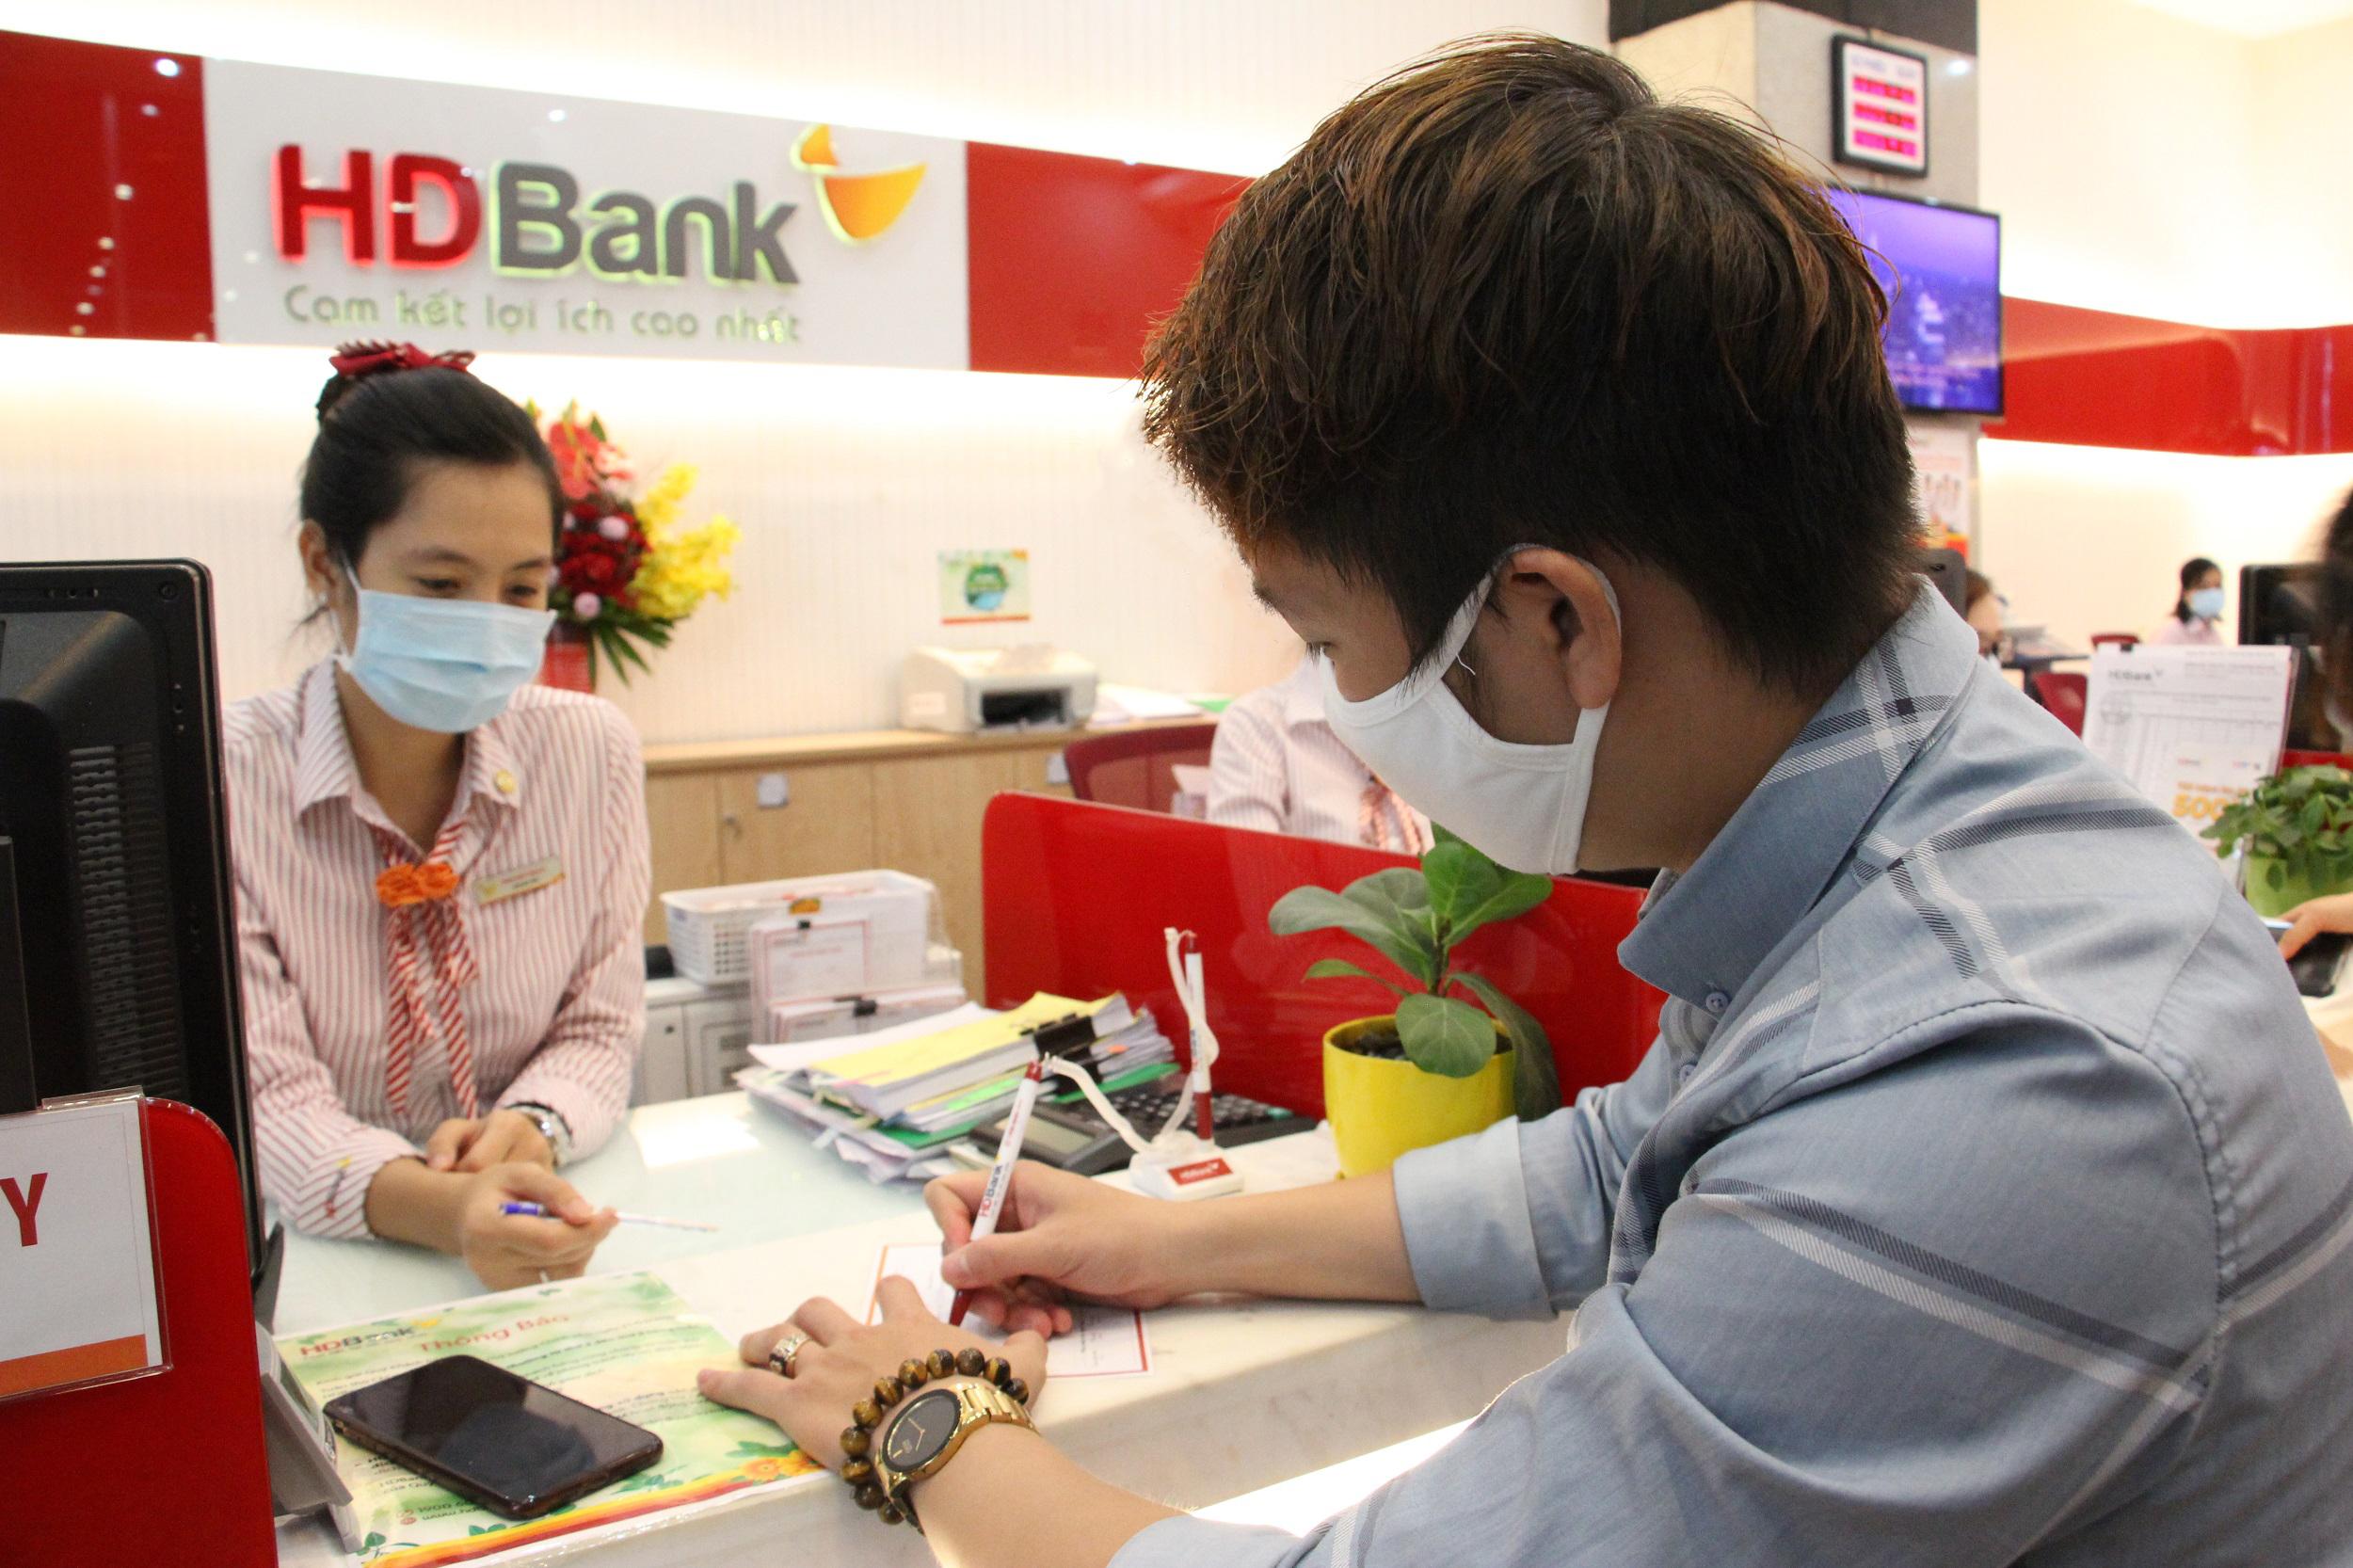 HDBank công bố kết quả khả quan trong quý I- 2020, giữ nguyên xếp hạng tín nhiệm của Moody's  - Ảnh 2